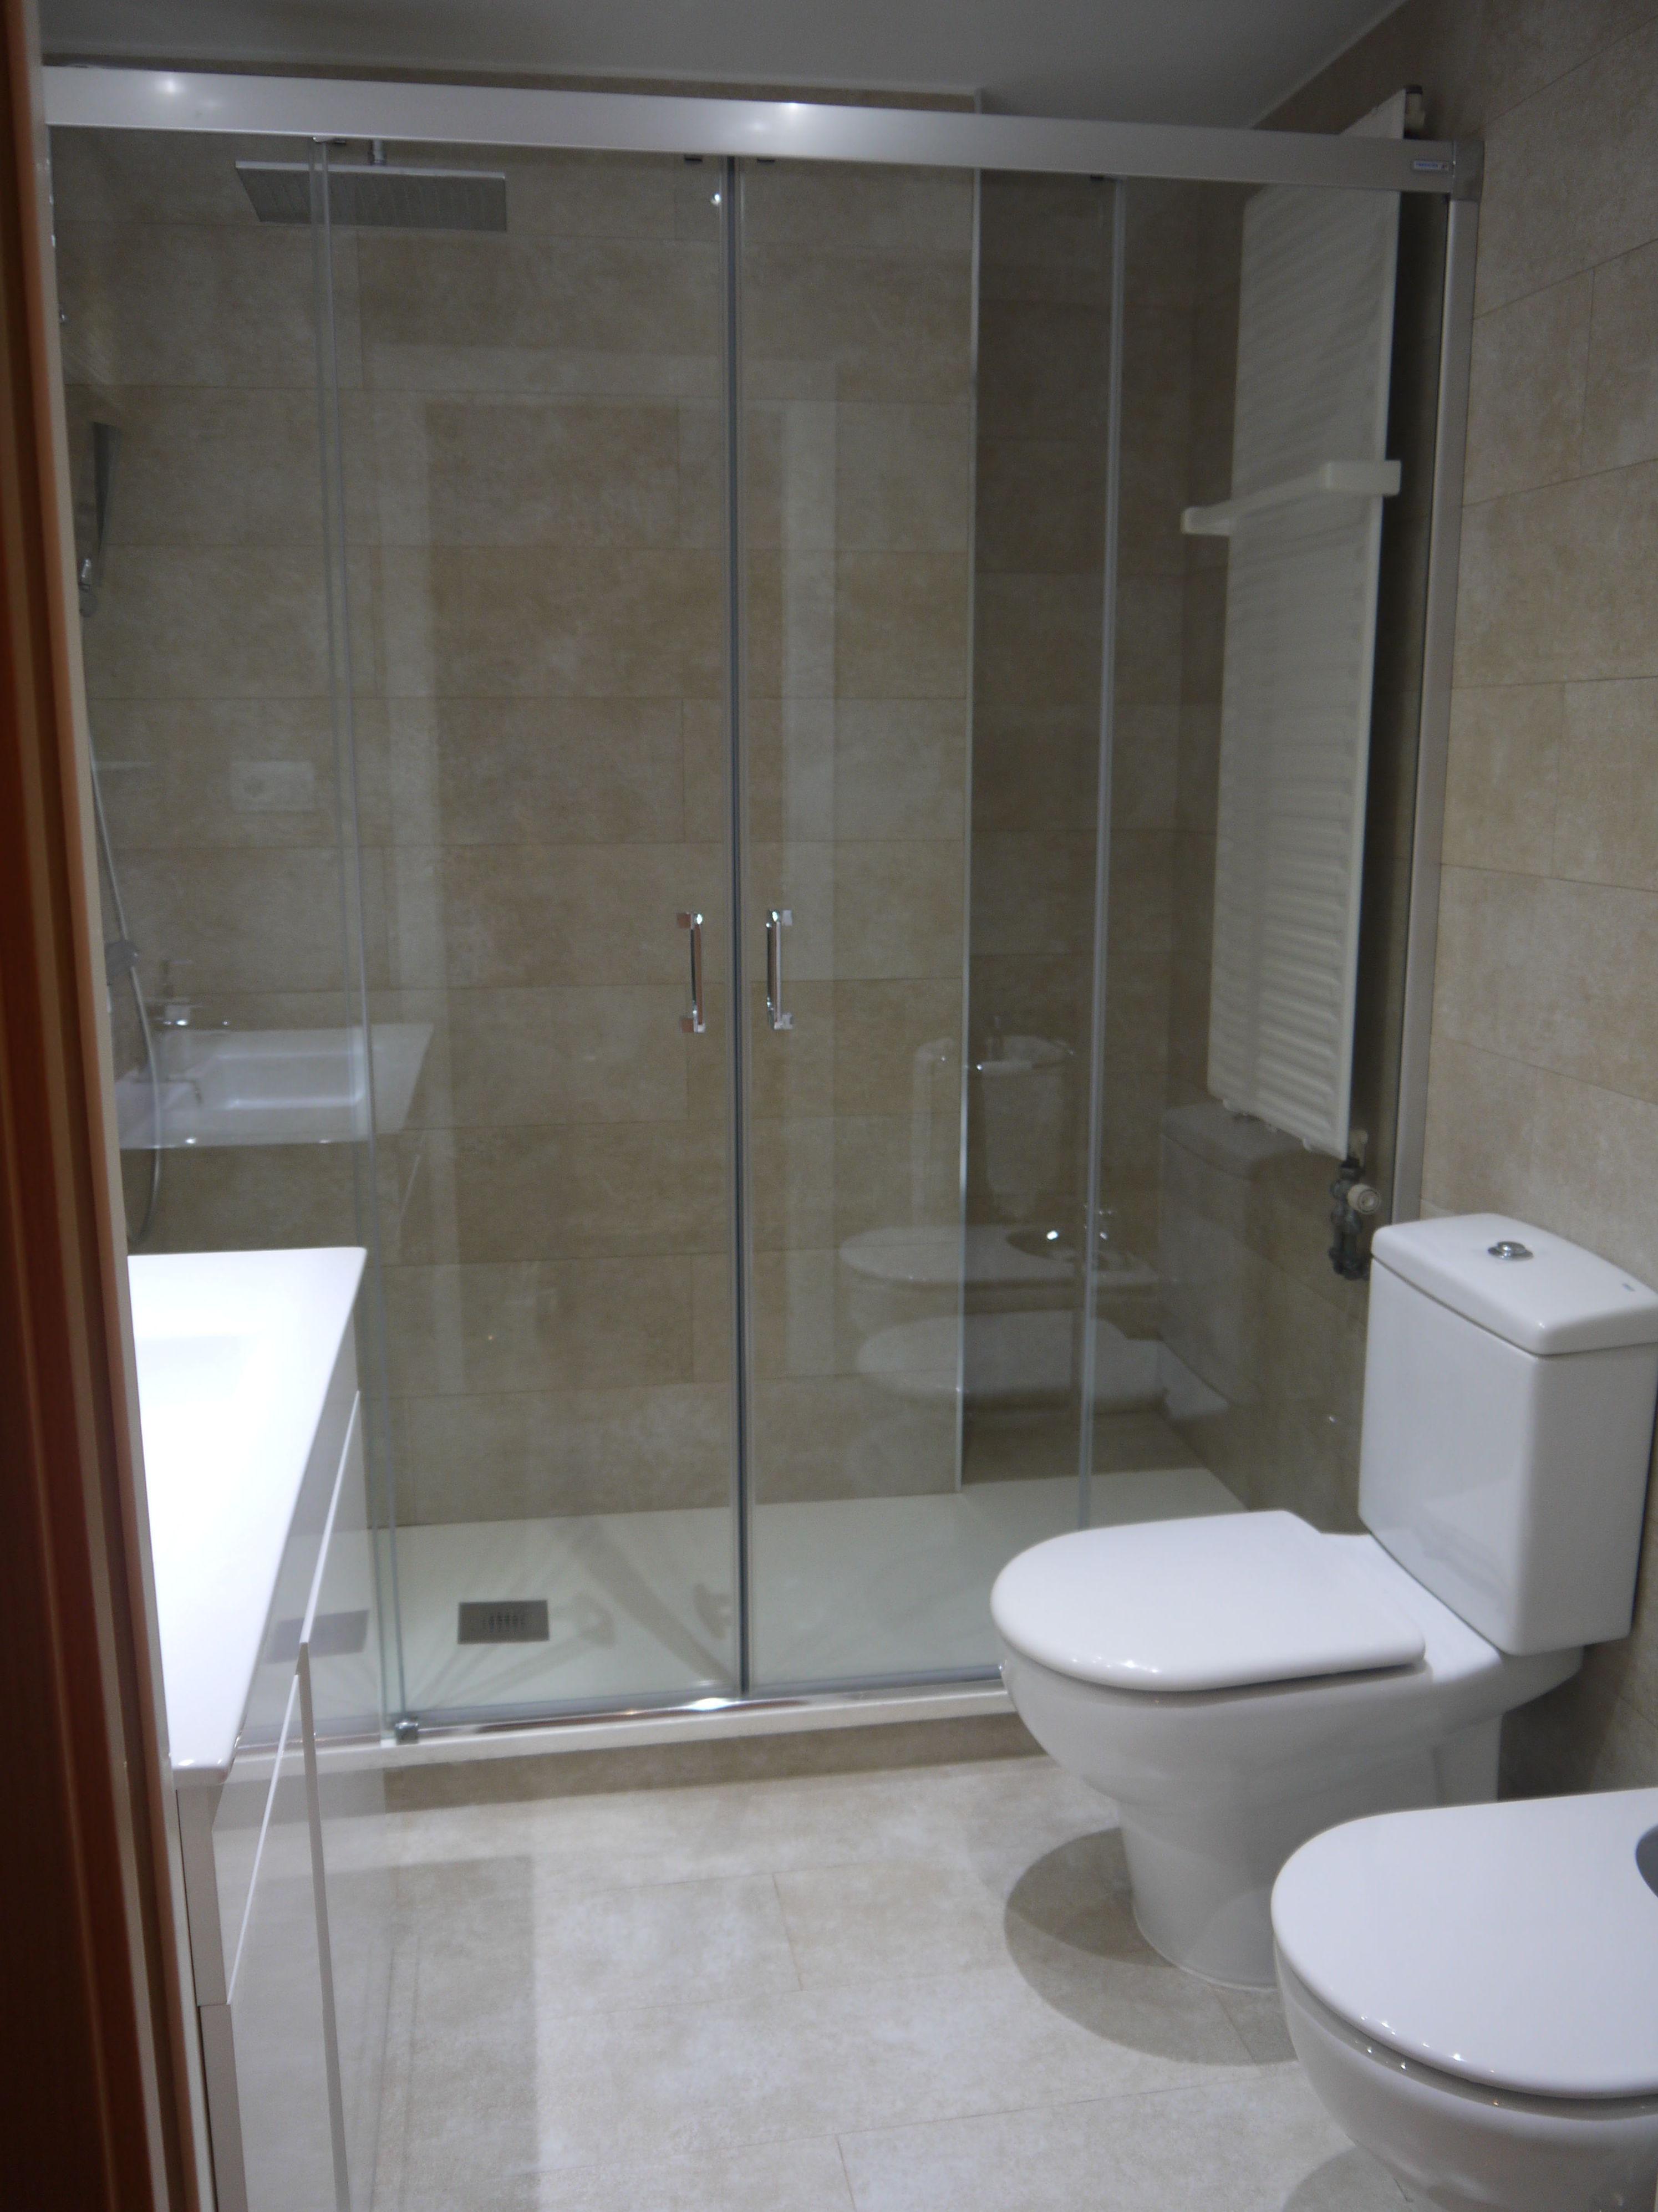 Bao con ducha bao pequeno con de banos modernos pequenos for Duchas disenos modernos